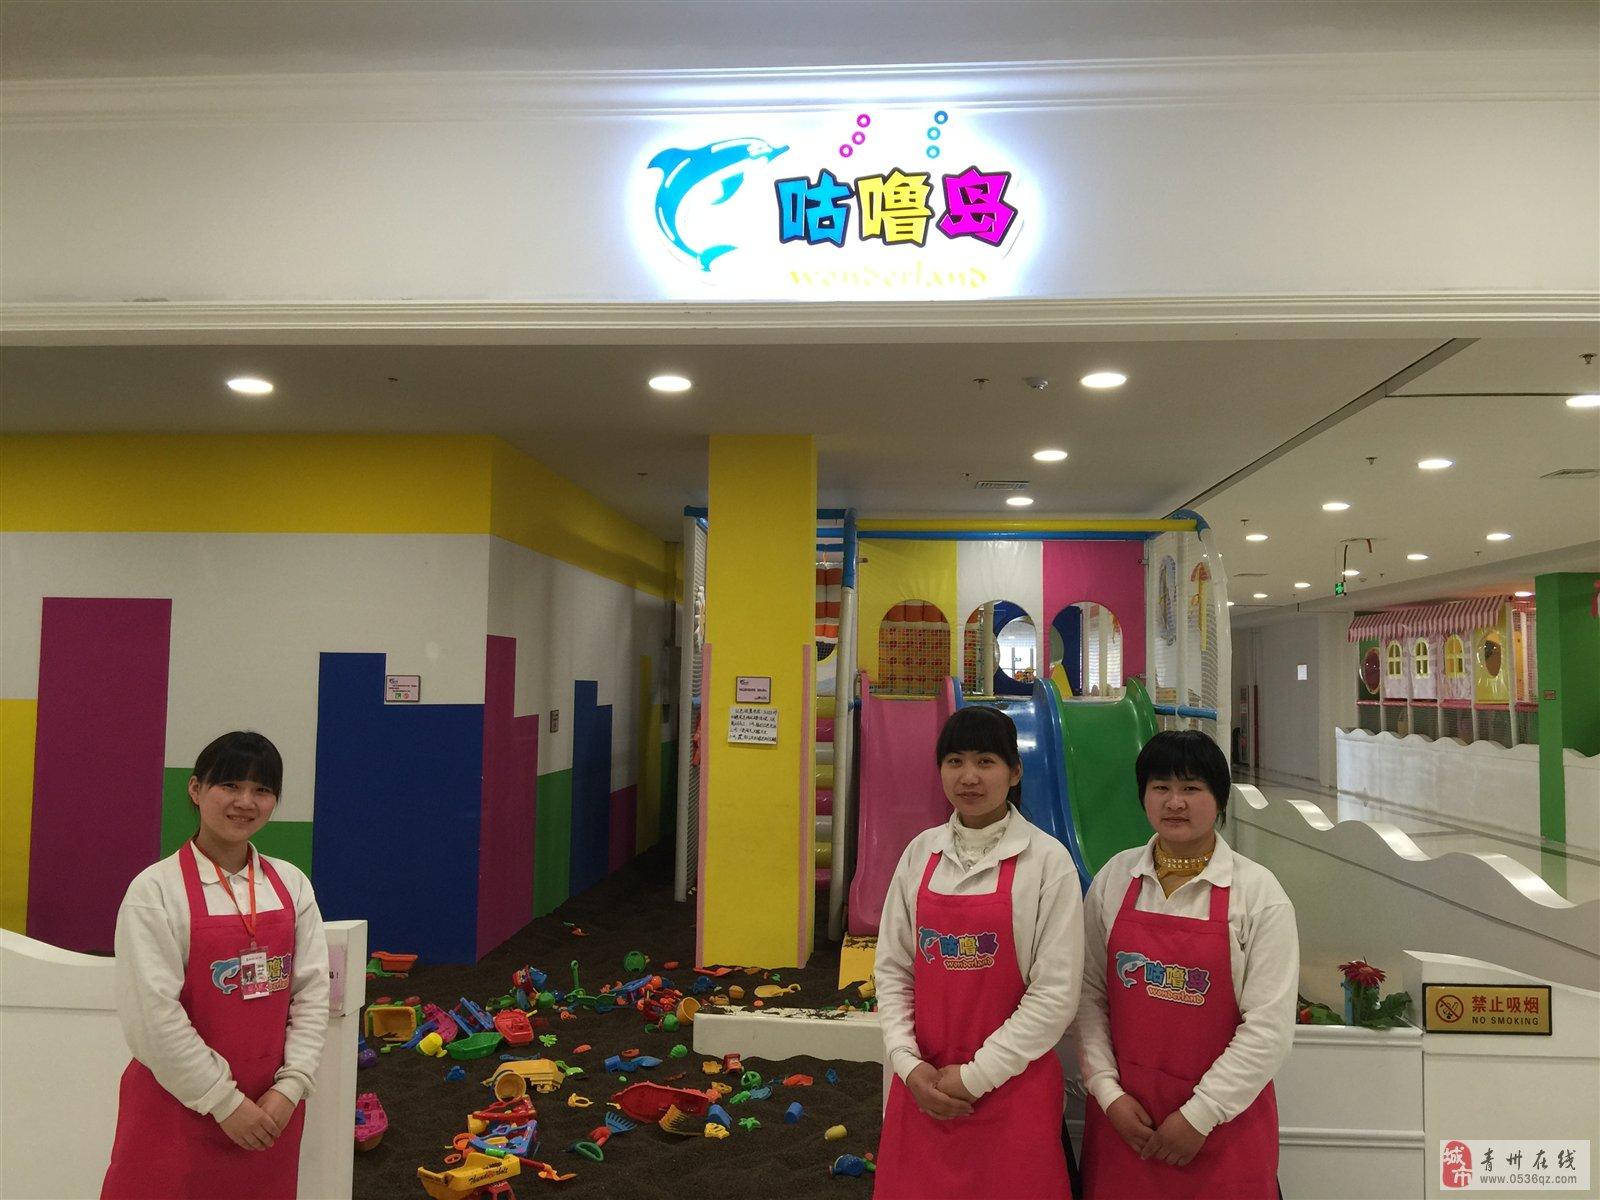 青州泰华城三楼咕噜岛儿童乐园招聘保洁员